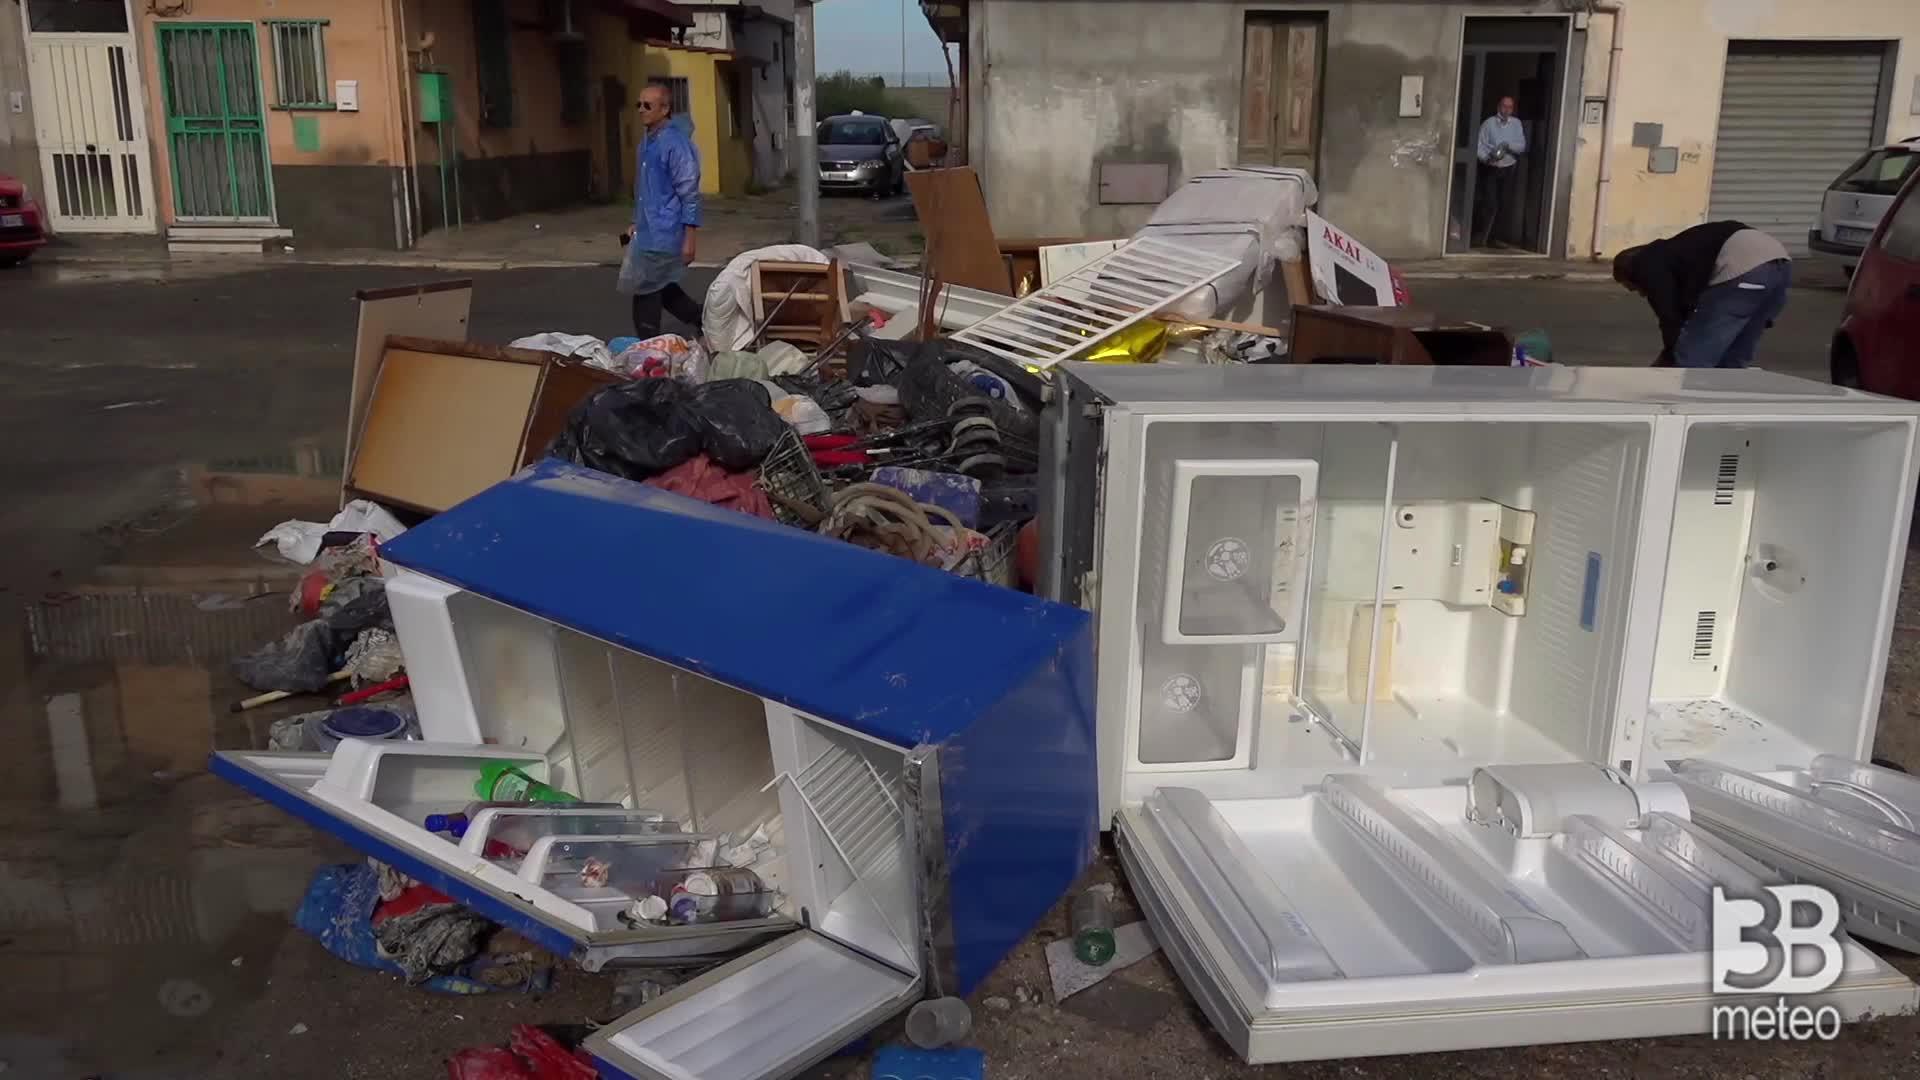 Crotone, fango nei negozi: devastazione dopo l'alluvione